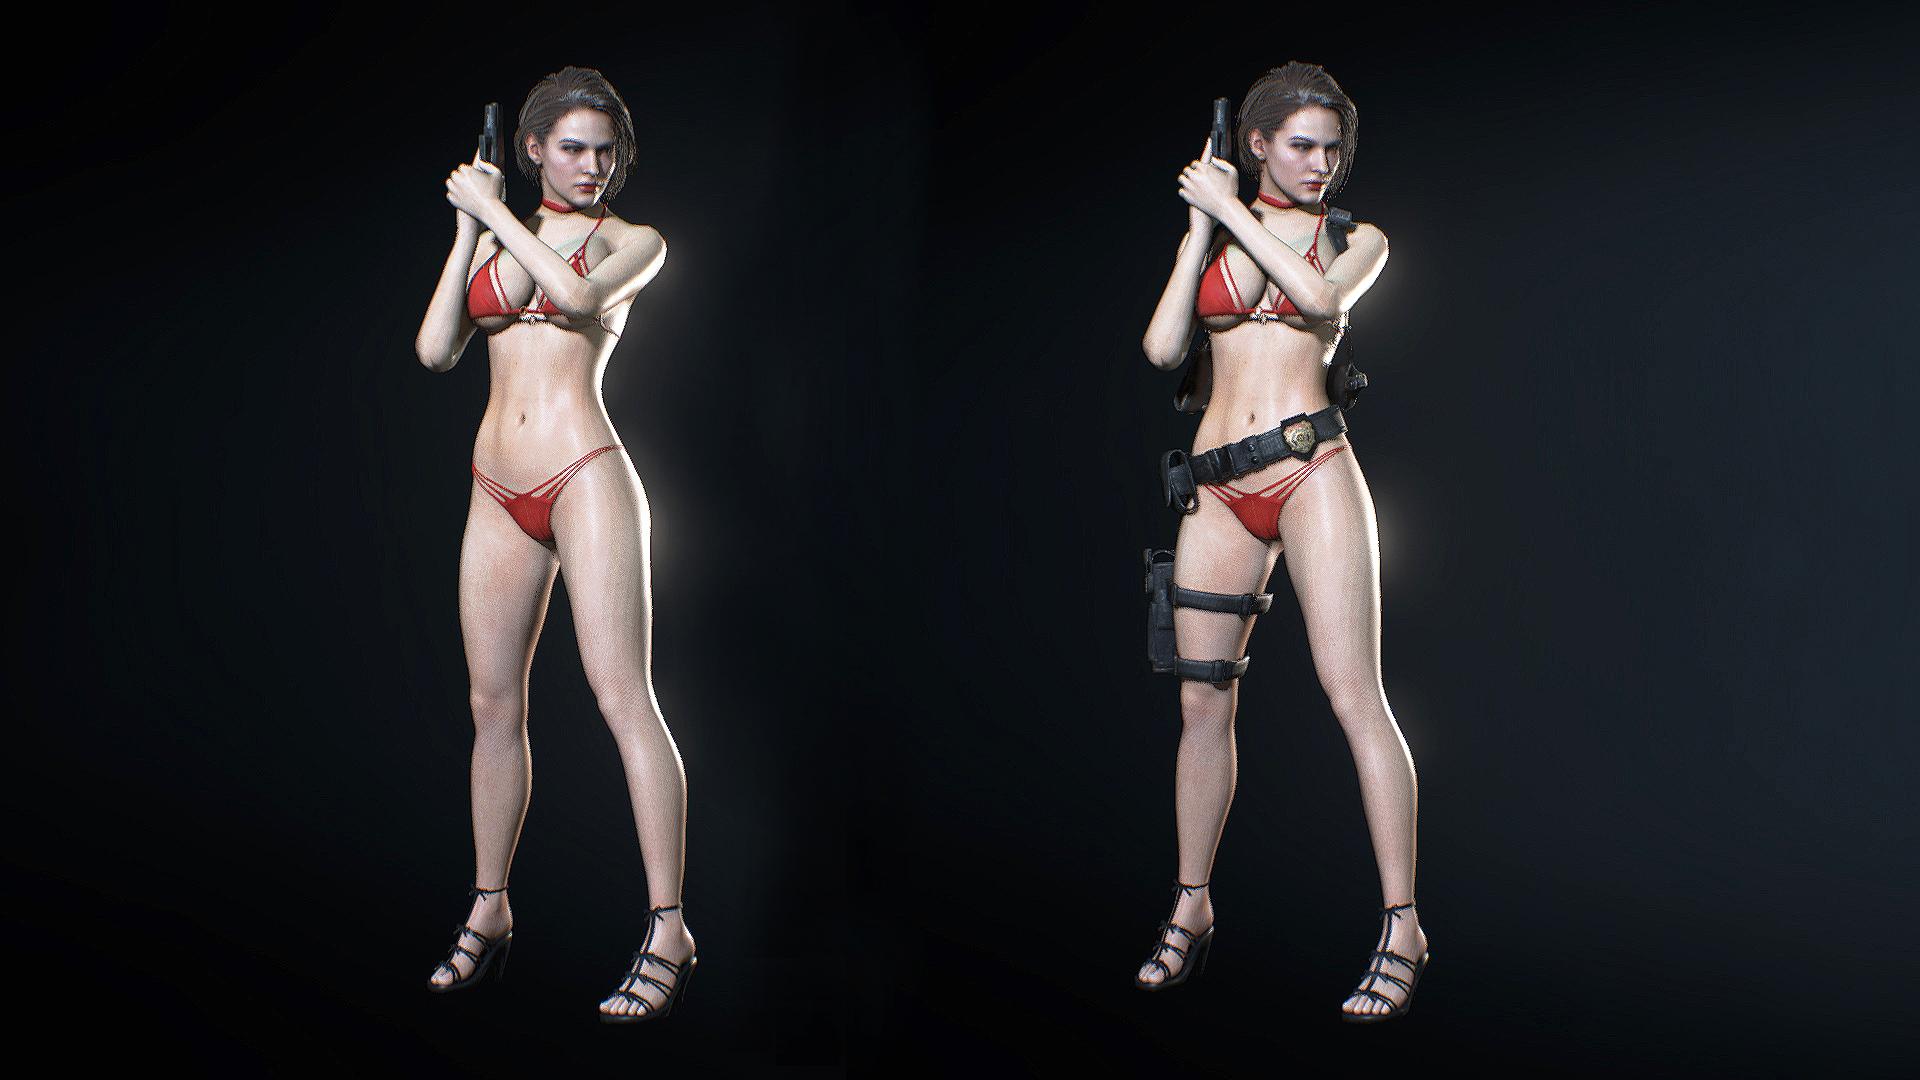 Откровенный купальник для Джилл в новом моде для ремейка Resident Evil 3